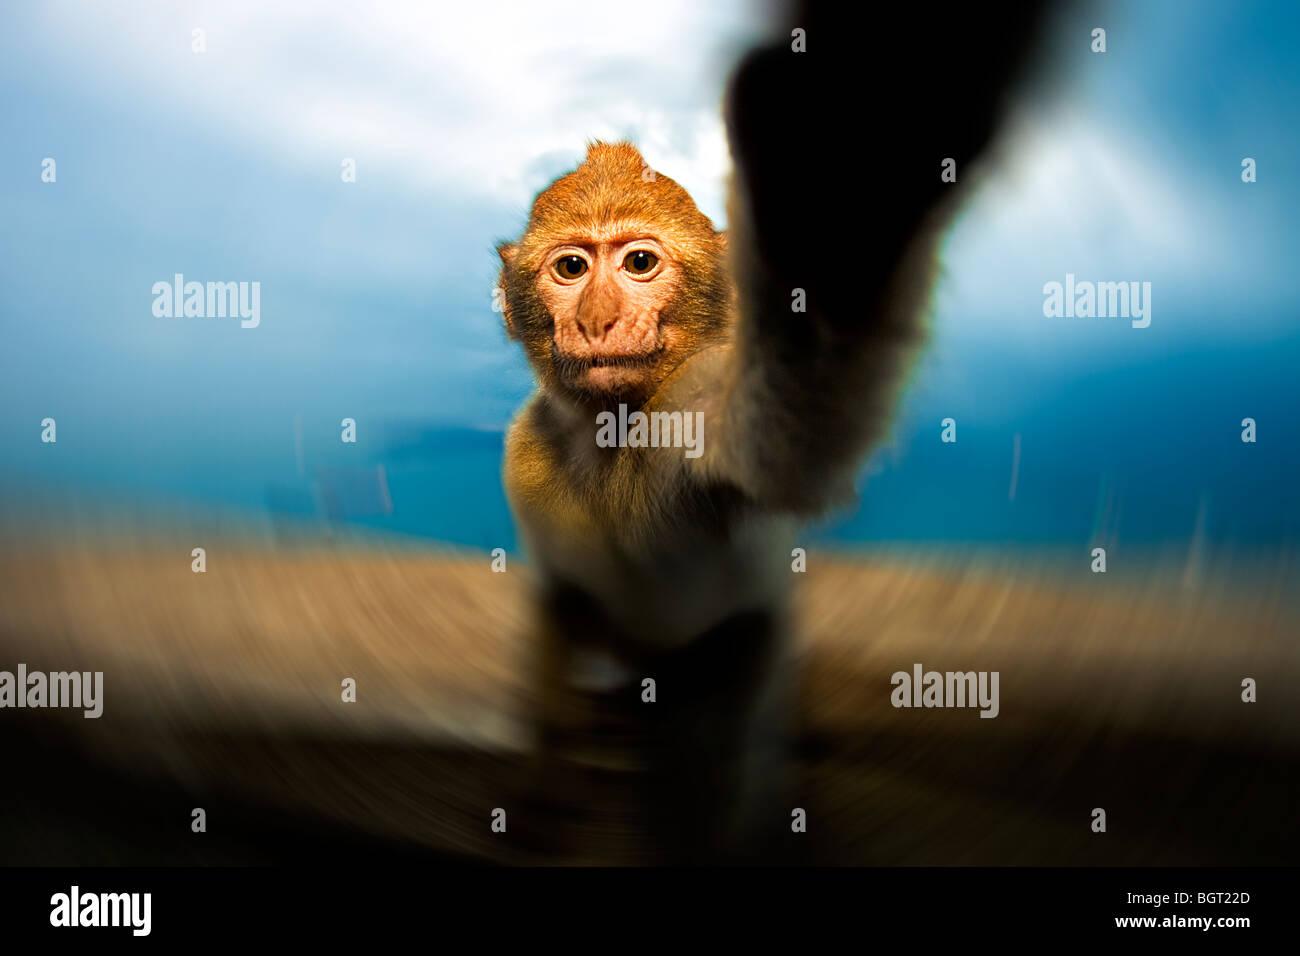 Baby monkey reaching (Macaca sylvanus), Rock of Gibraltar, UK - Stock Image